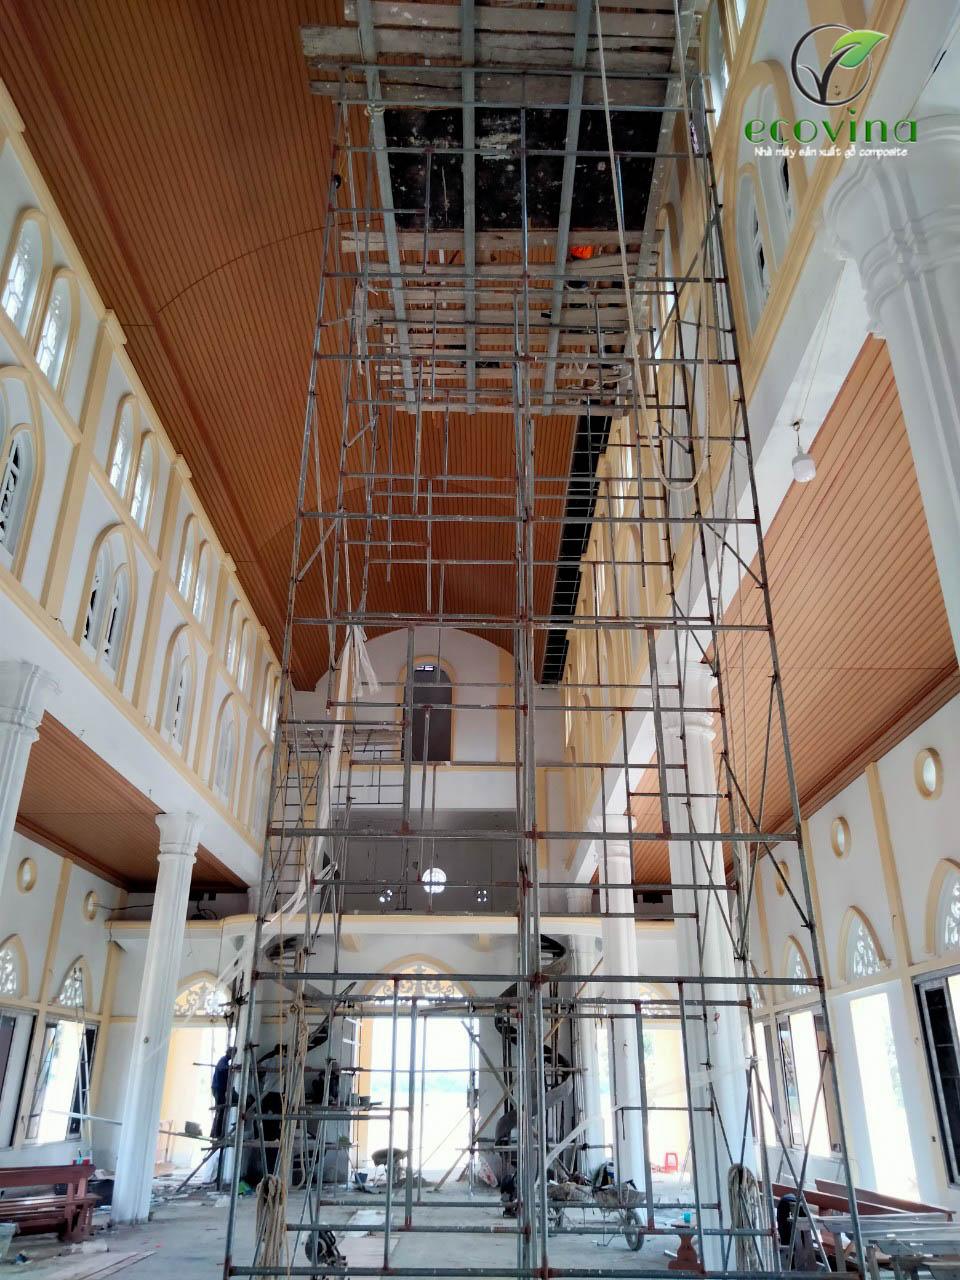 Hình ảnh thi công trần gỗ nhựa cho nhà thờ tại Hà Tĩnh